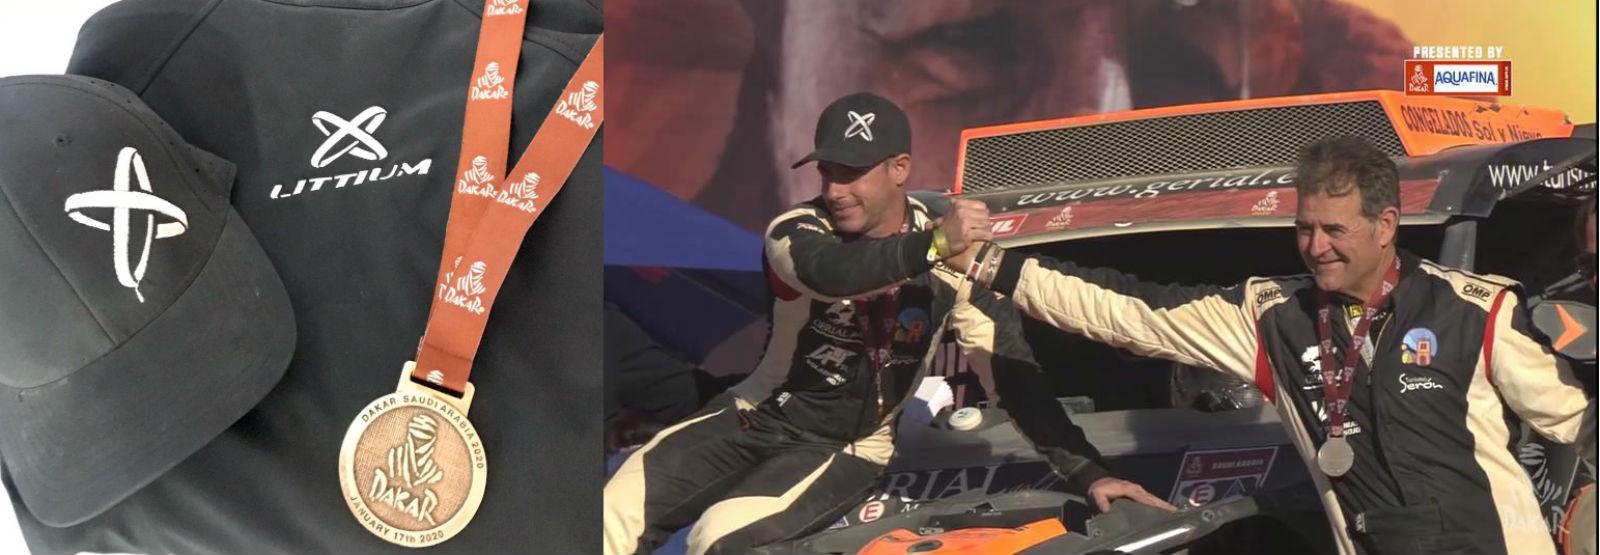 Littium y el Dakar: triunfo total en el rally más legendario